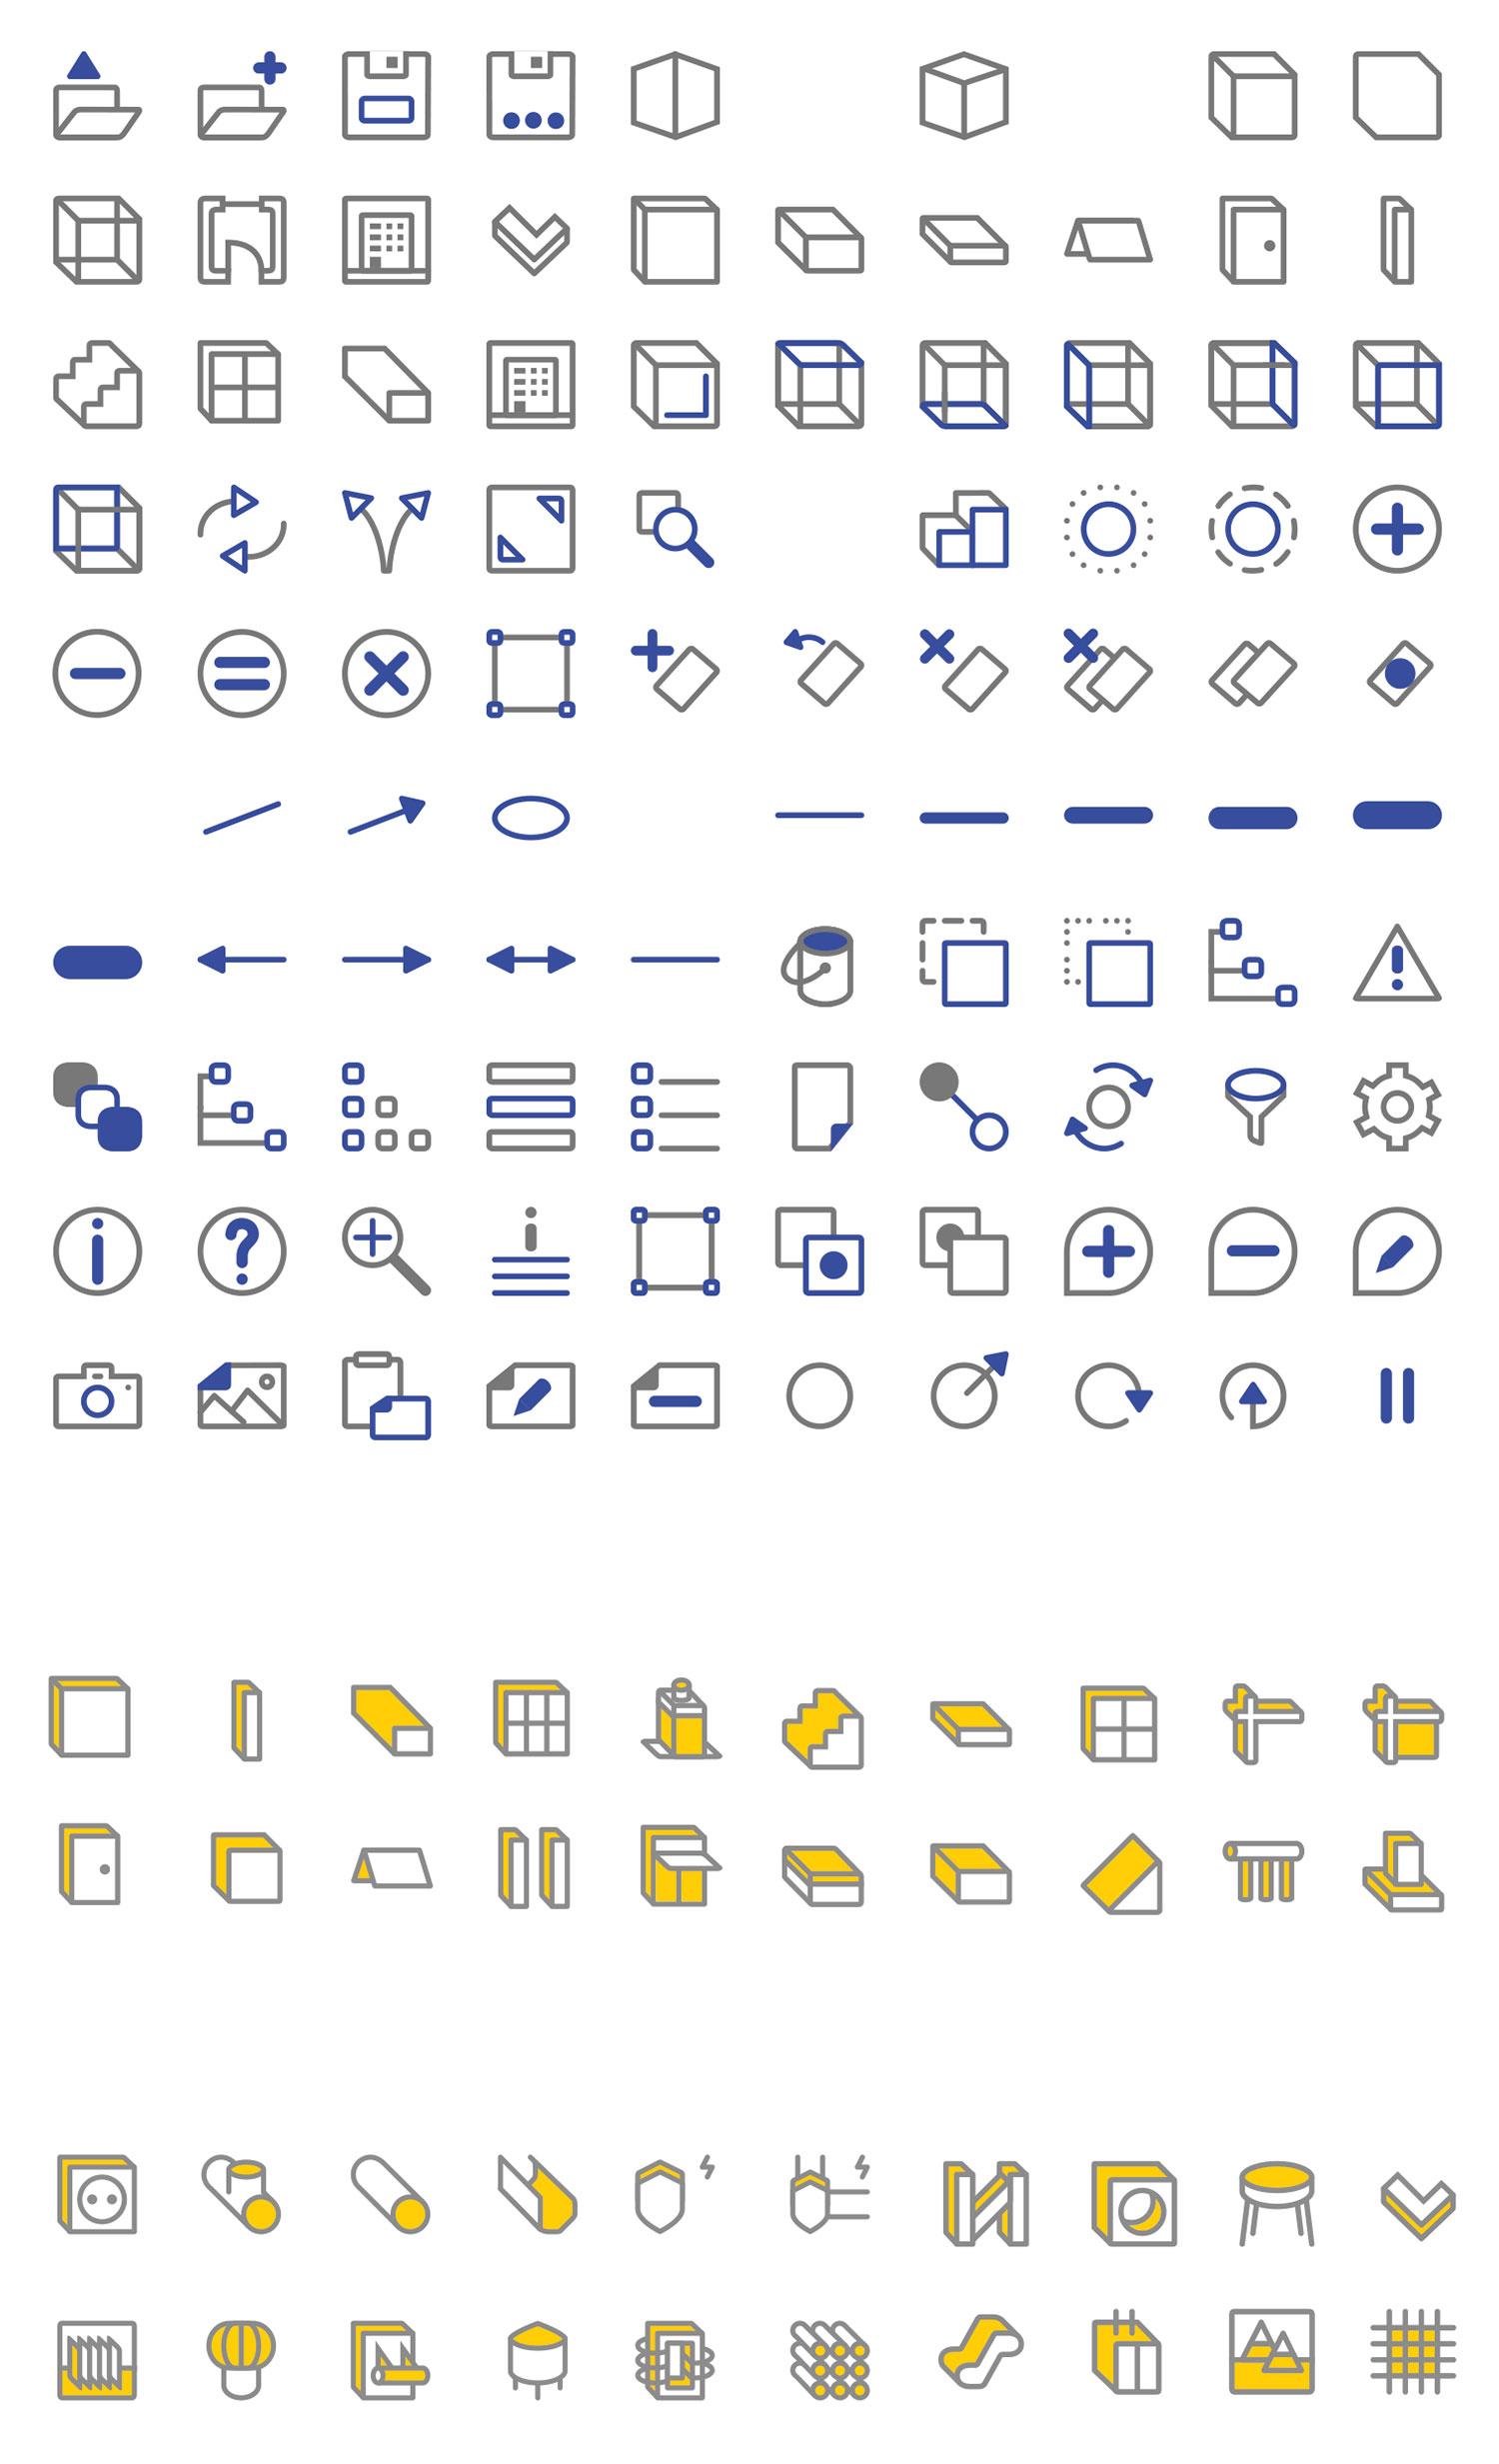 Kade05-Kubus-iconen